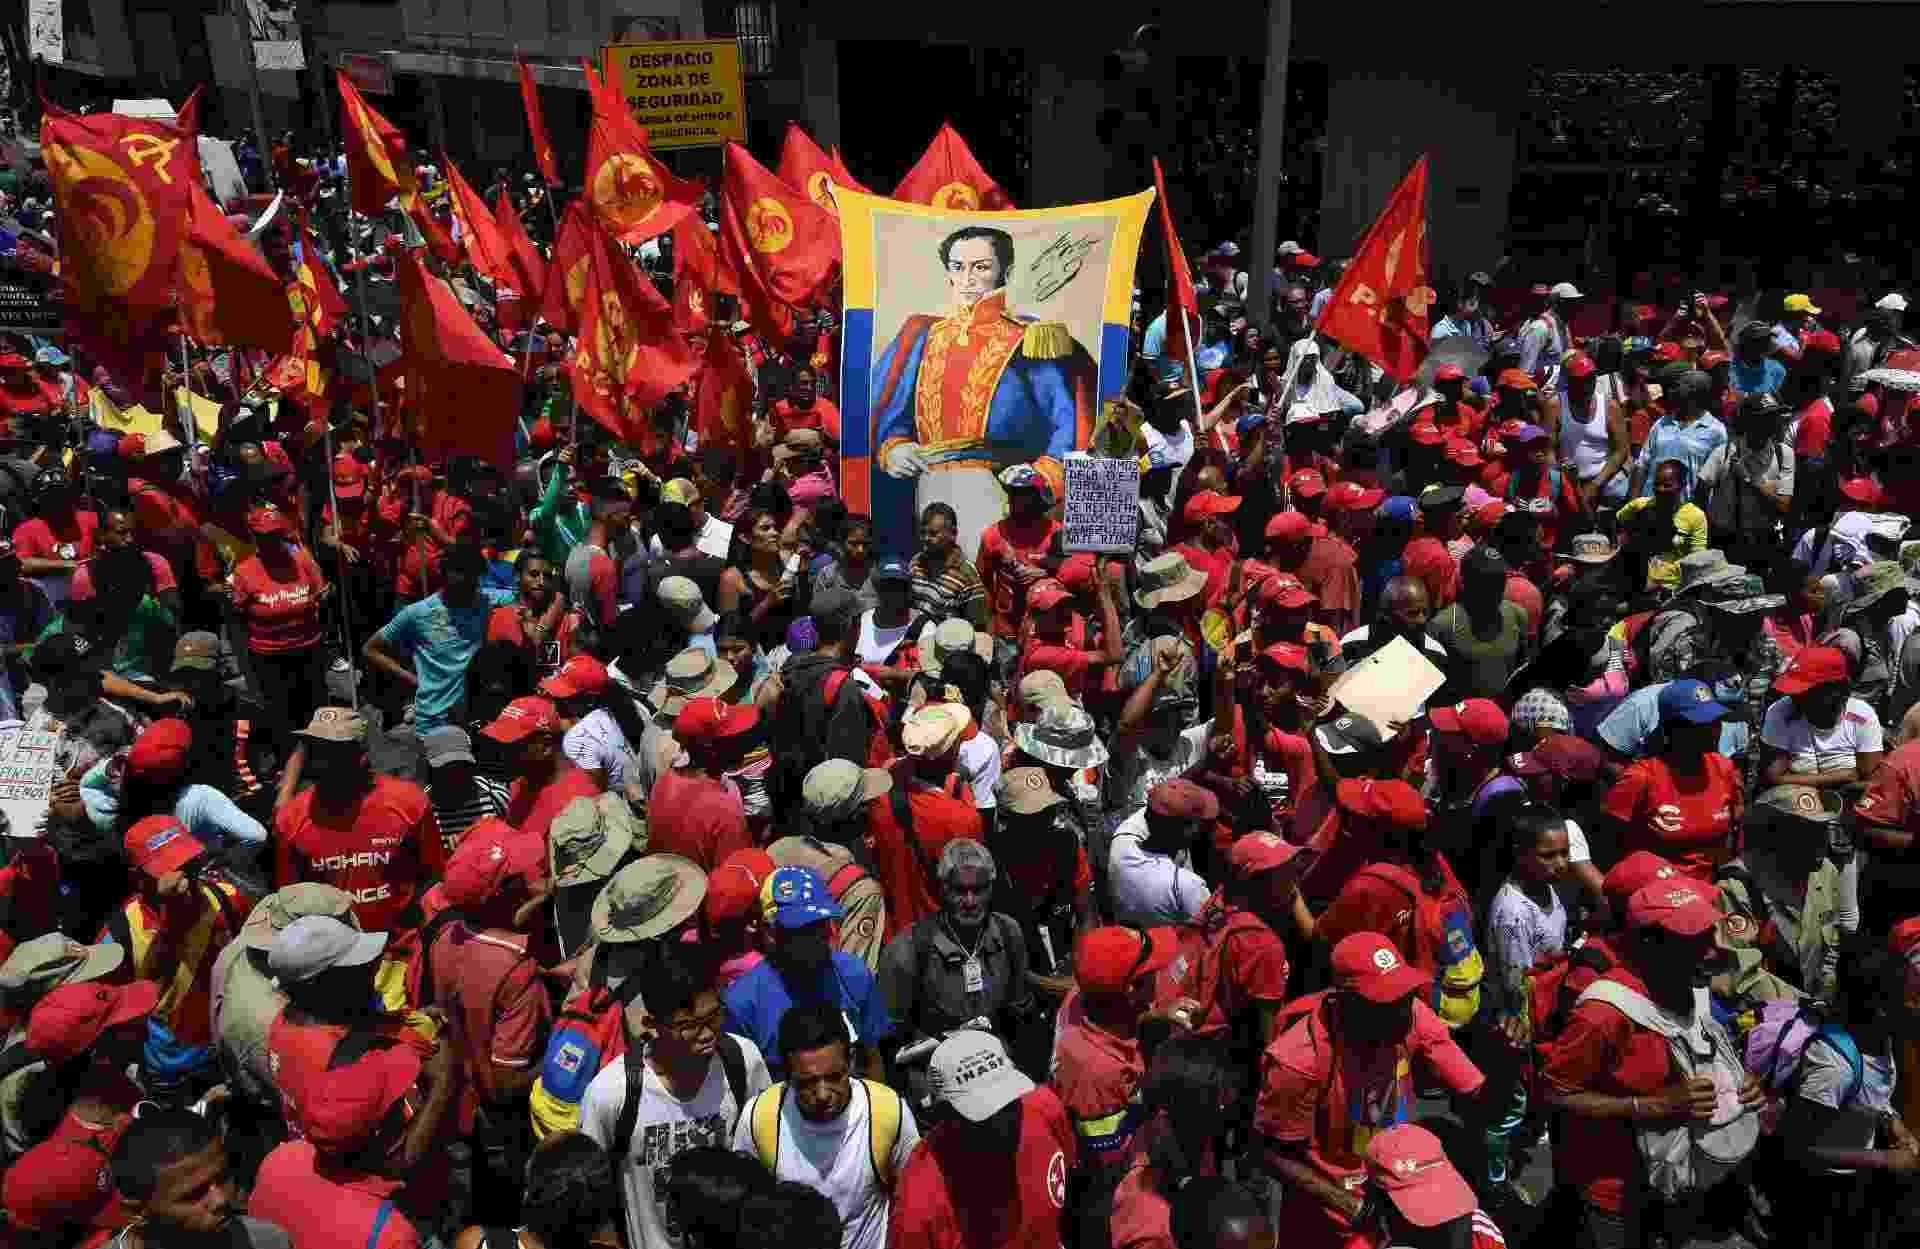 1º.mai.2019 - Os defensores do presidente Nicolas Maduro exibem uma imagem do libertador sul-americano Simon Bolivar durante manifestação - Yuri Cortez/AFP